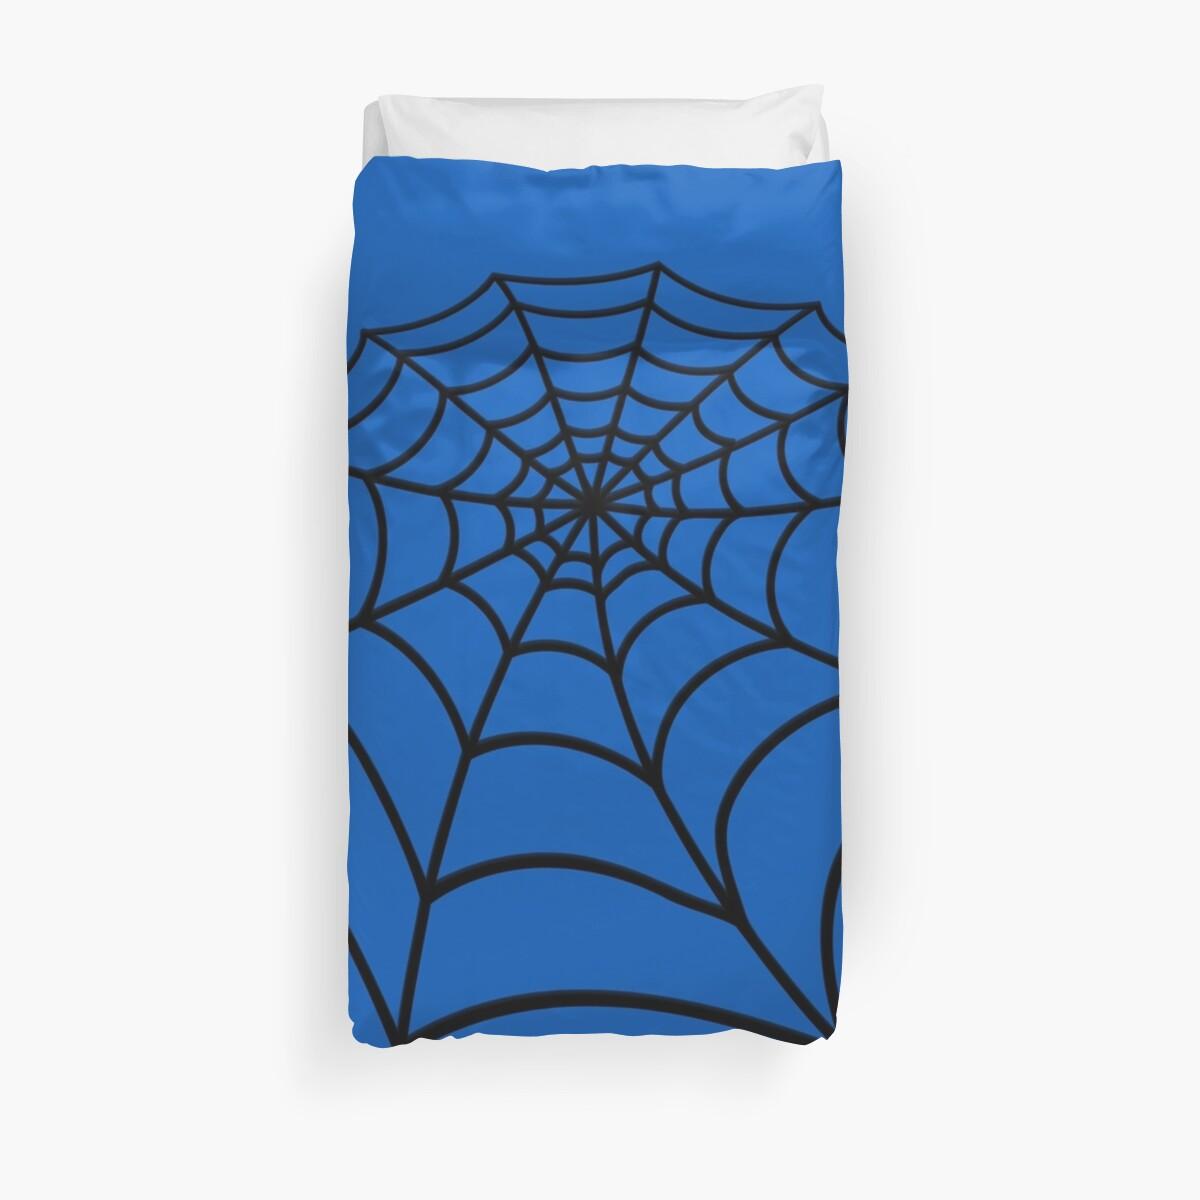 Spider webs by jokoer-SERKA